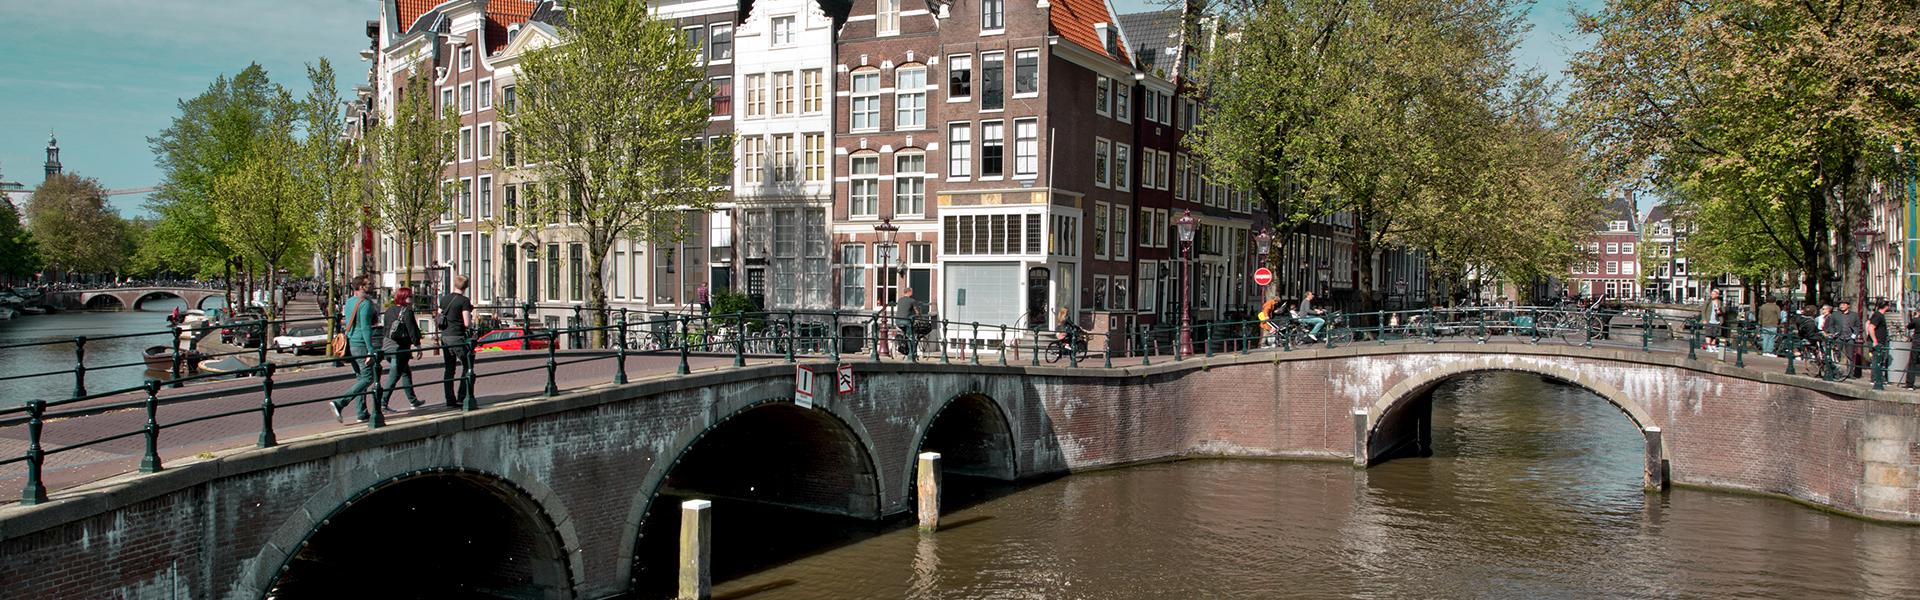 Huis te koop in Amsterdam